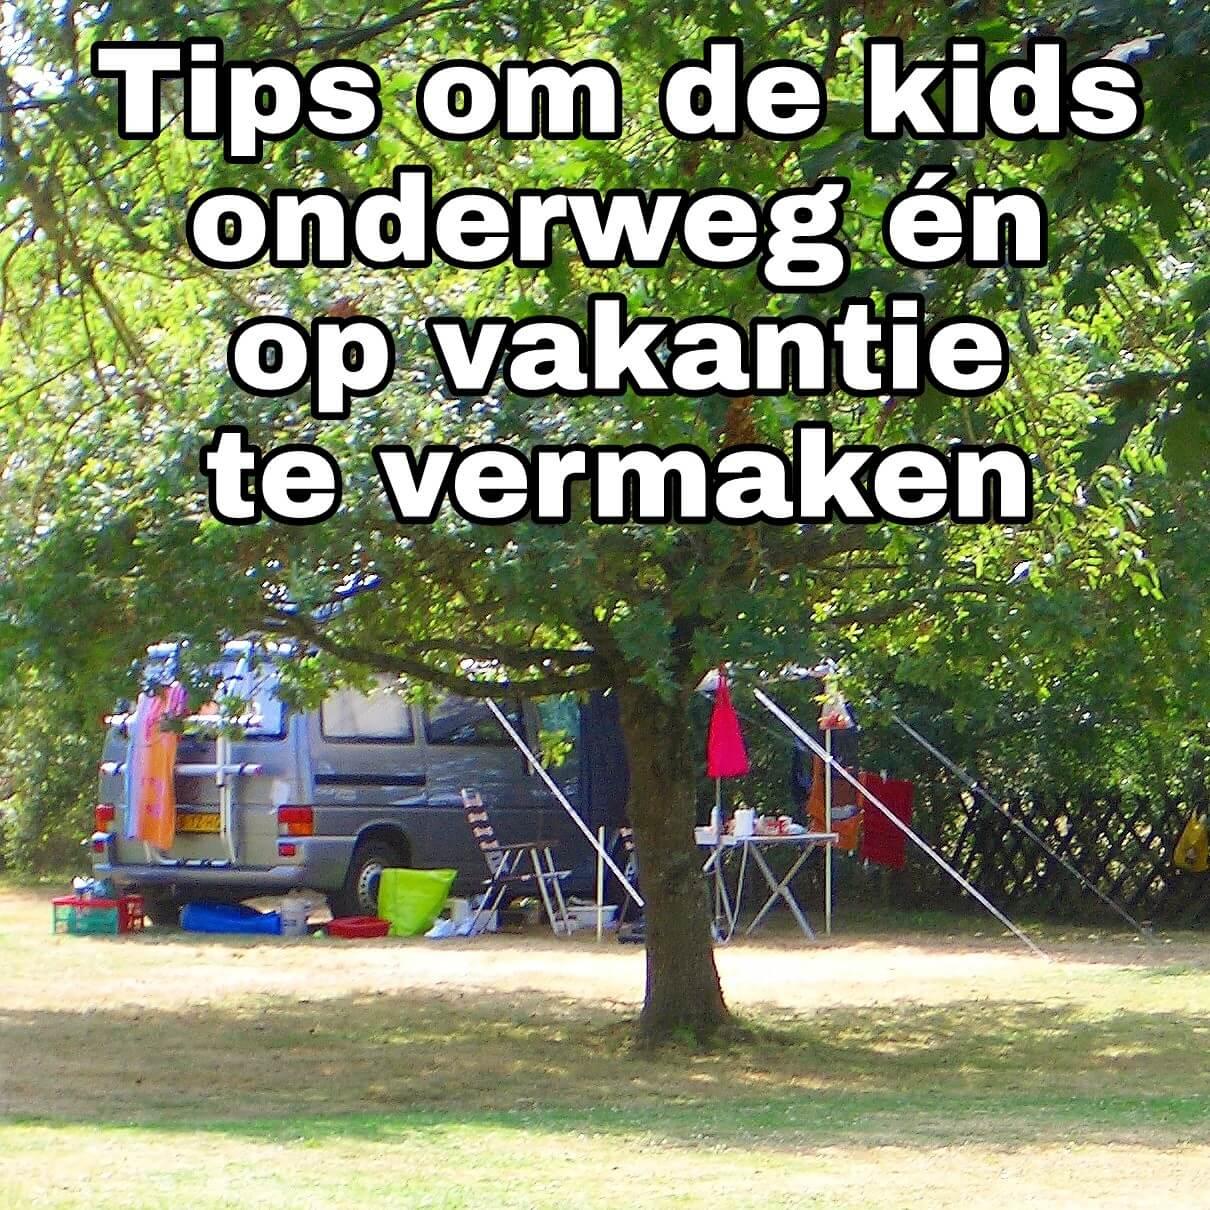 Tips om de kids onderweg én op de vakantiebestemming te vermaken